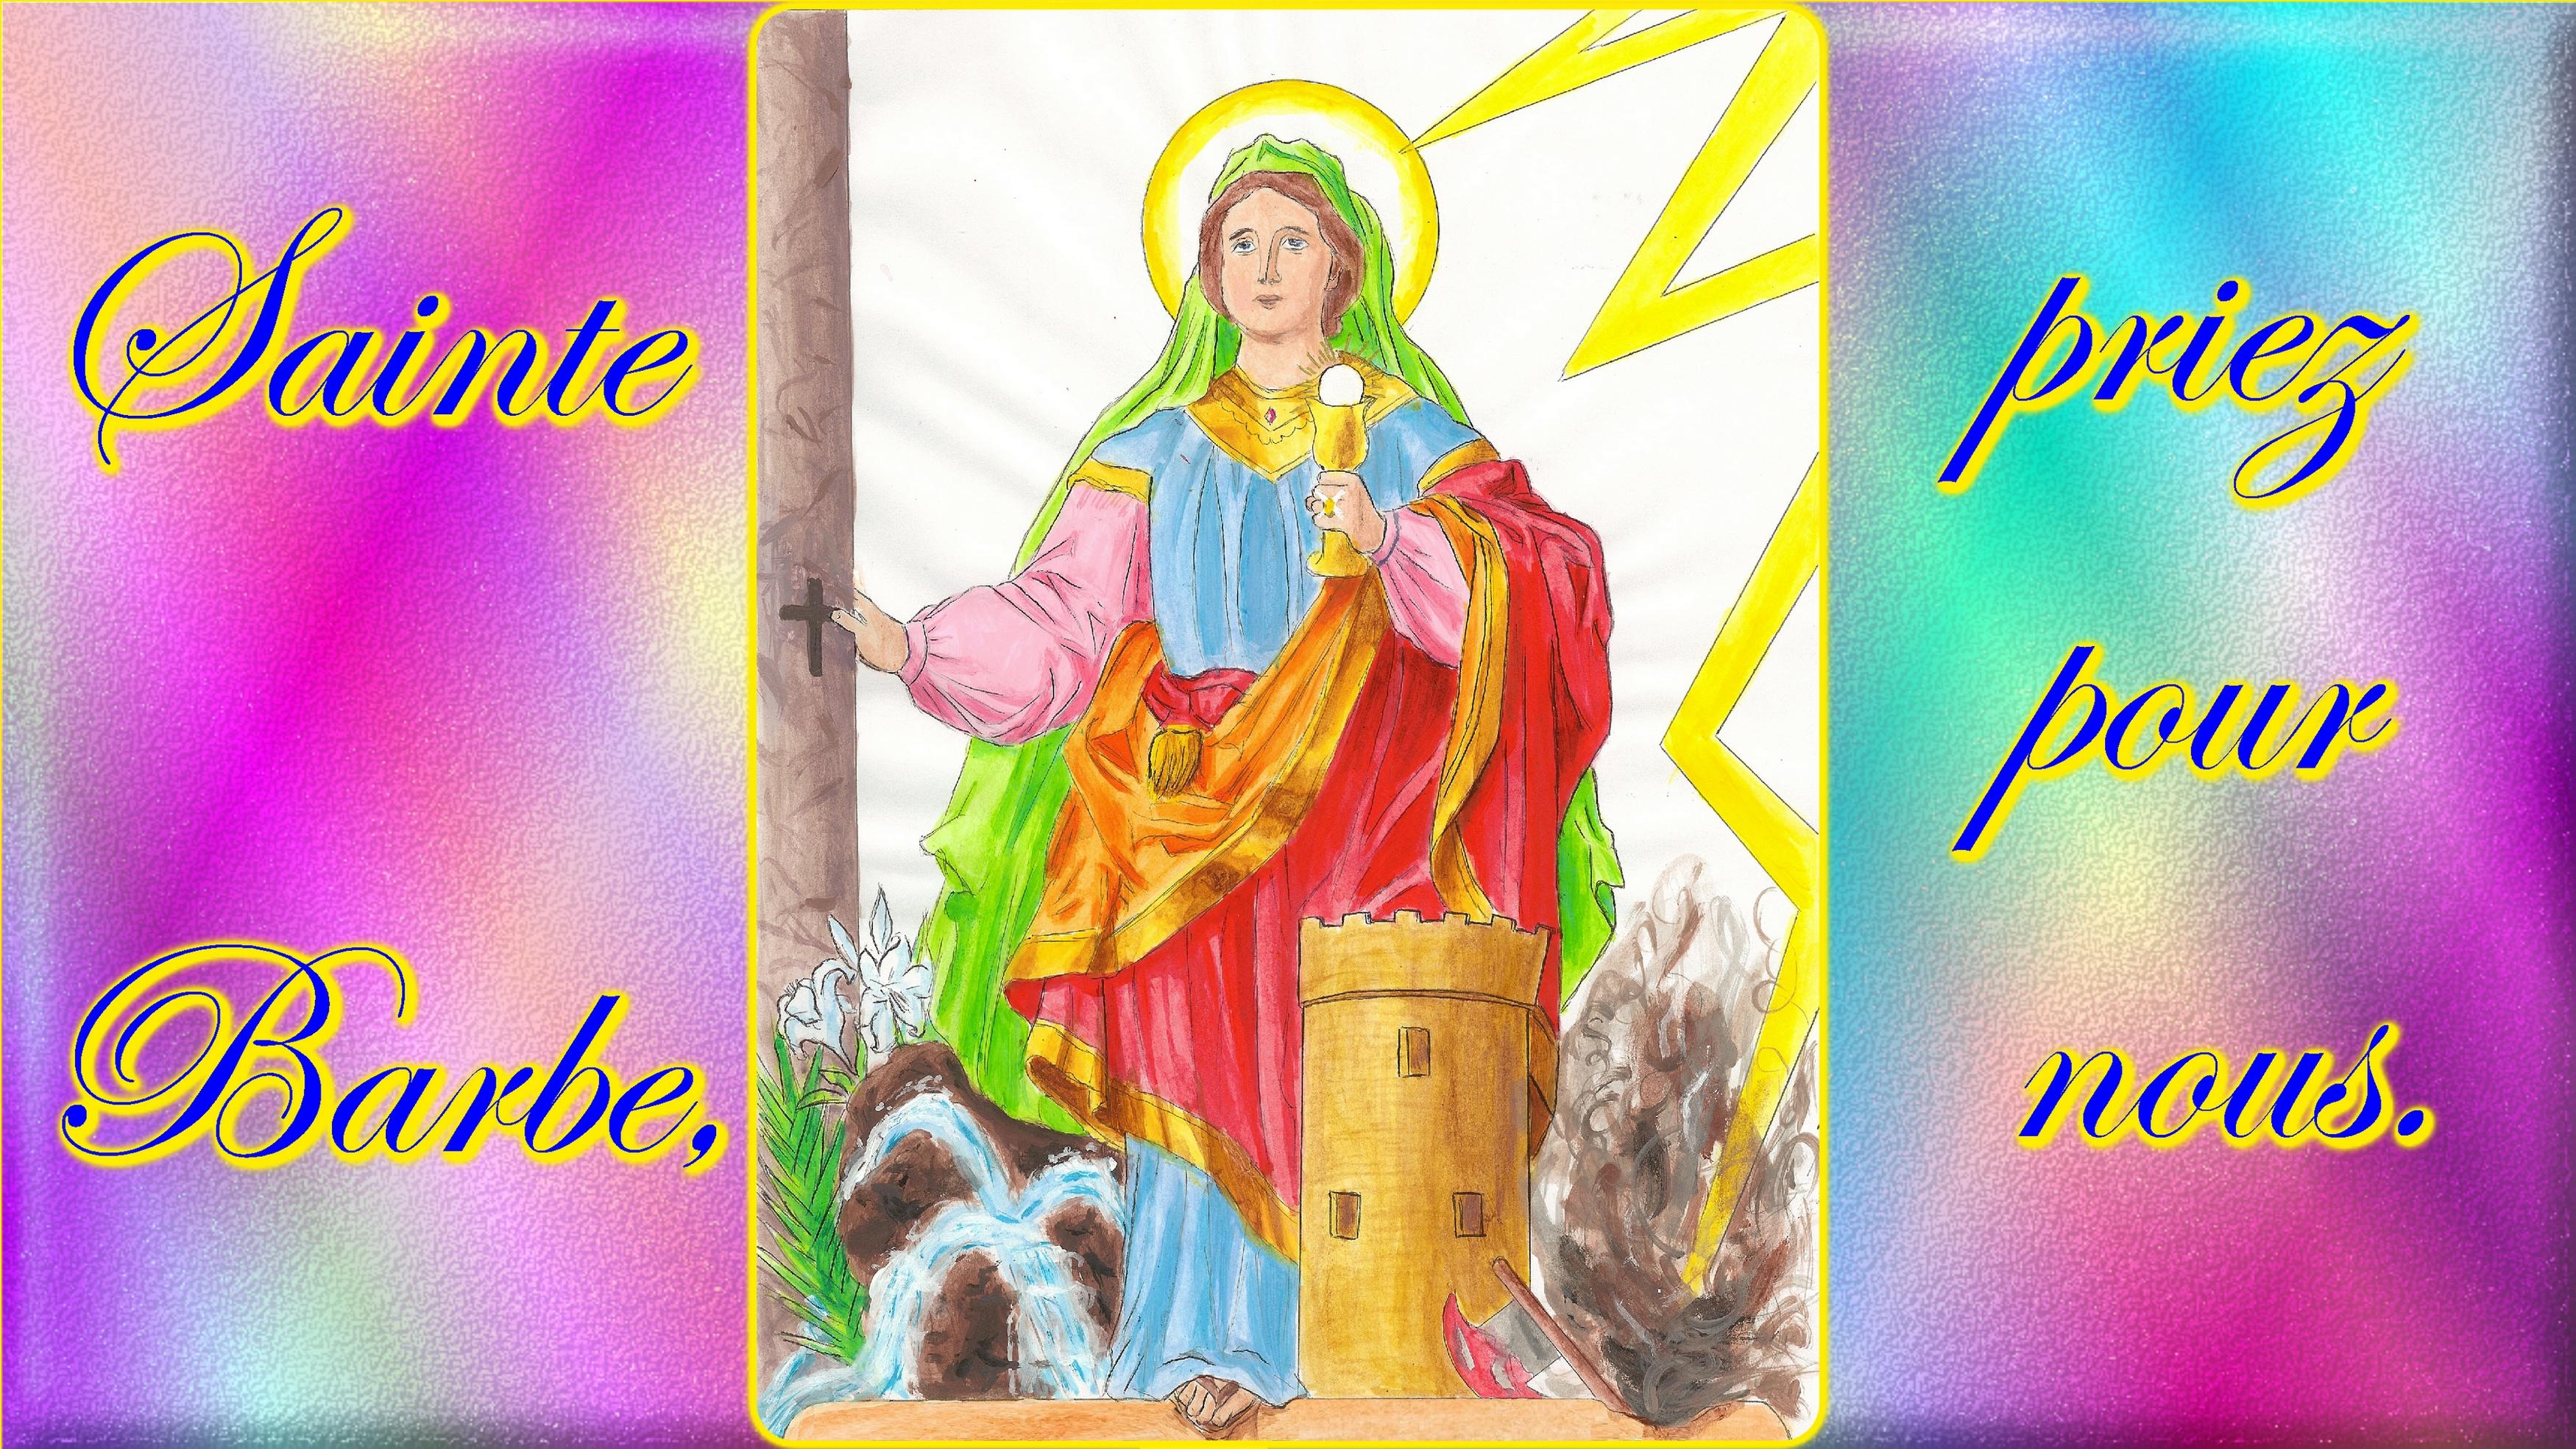 CALENDRIER CATHOLIQUE 2019 (Cantiques, Prières & Images) - Page 17 Ste-barbe-56d3752